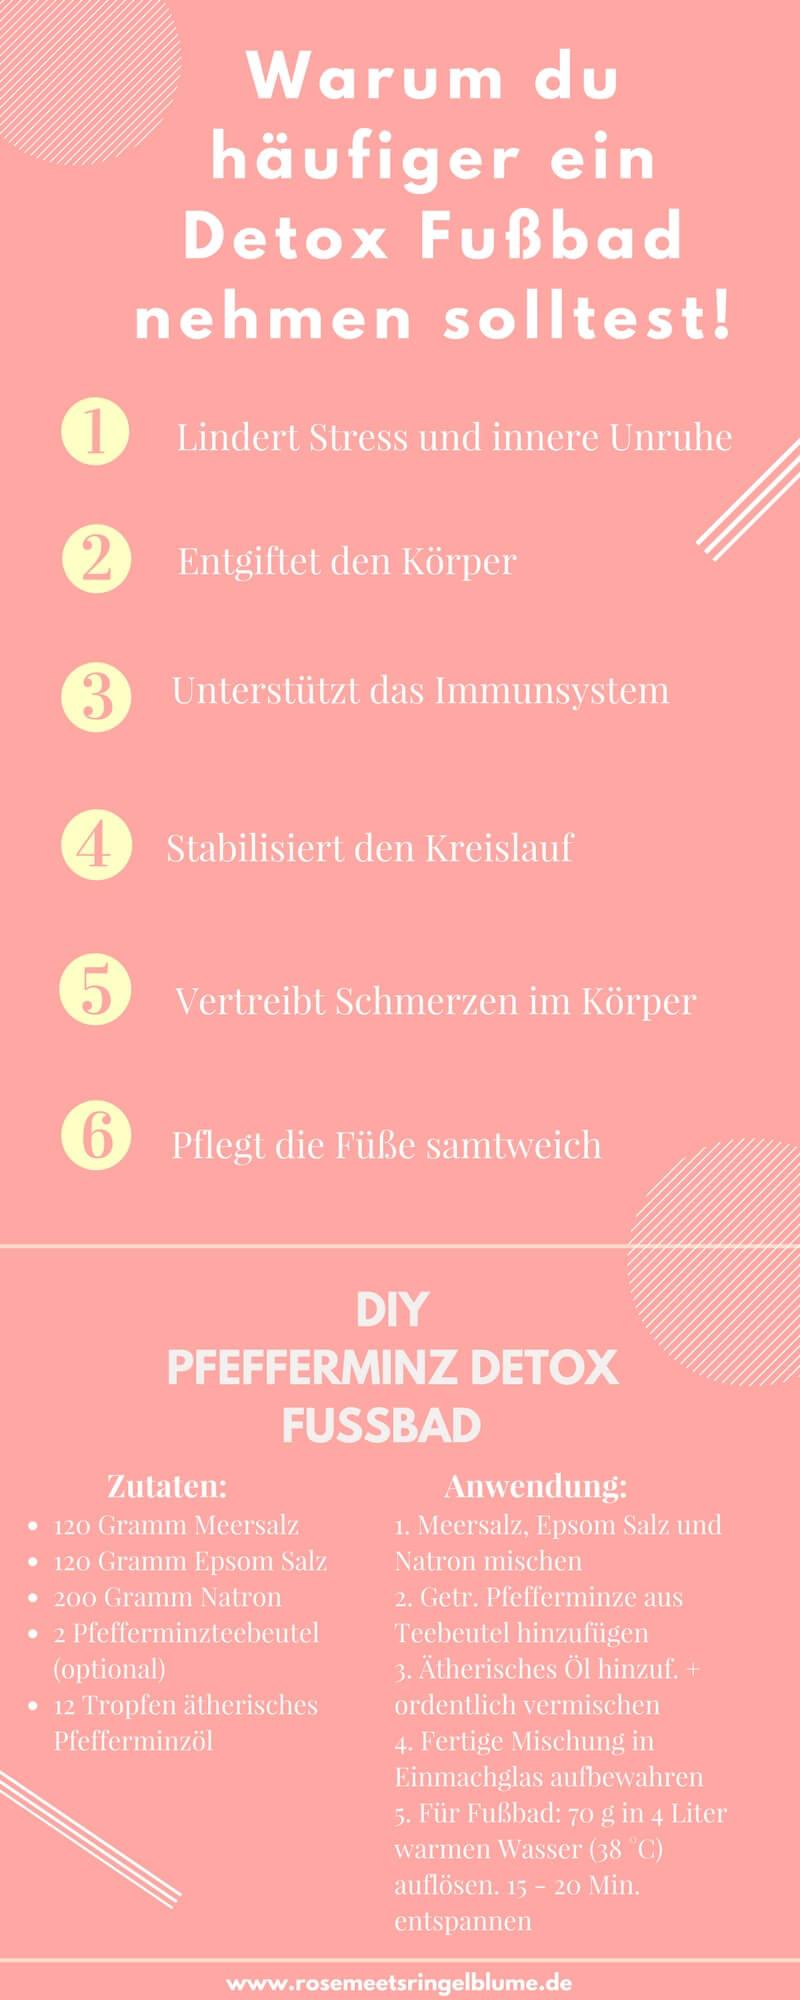 Warum du häufiger ein Detox Fußbad nehmen solltest